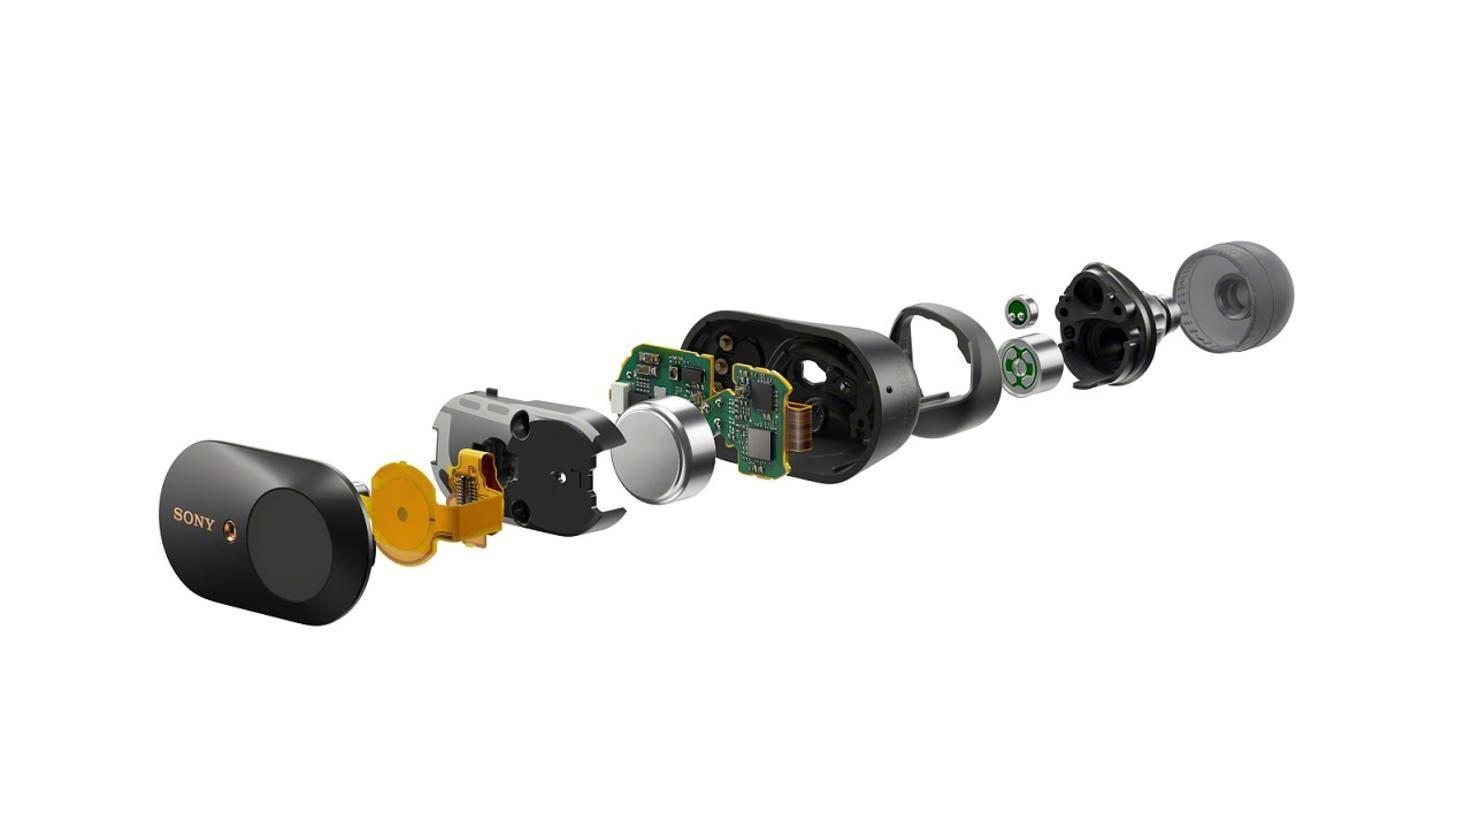 In den In-Ear-Kopfhörern ist die gleiche Technik wie in den Bügelkopfhörern der Modellserie verbaut.